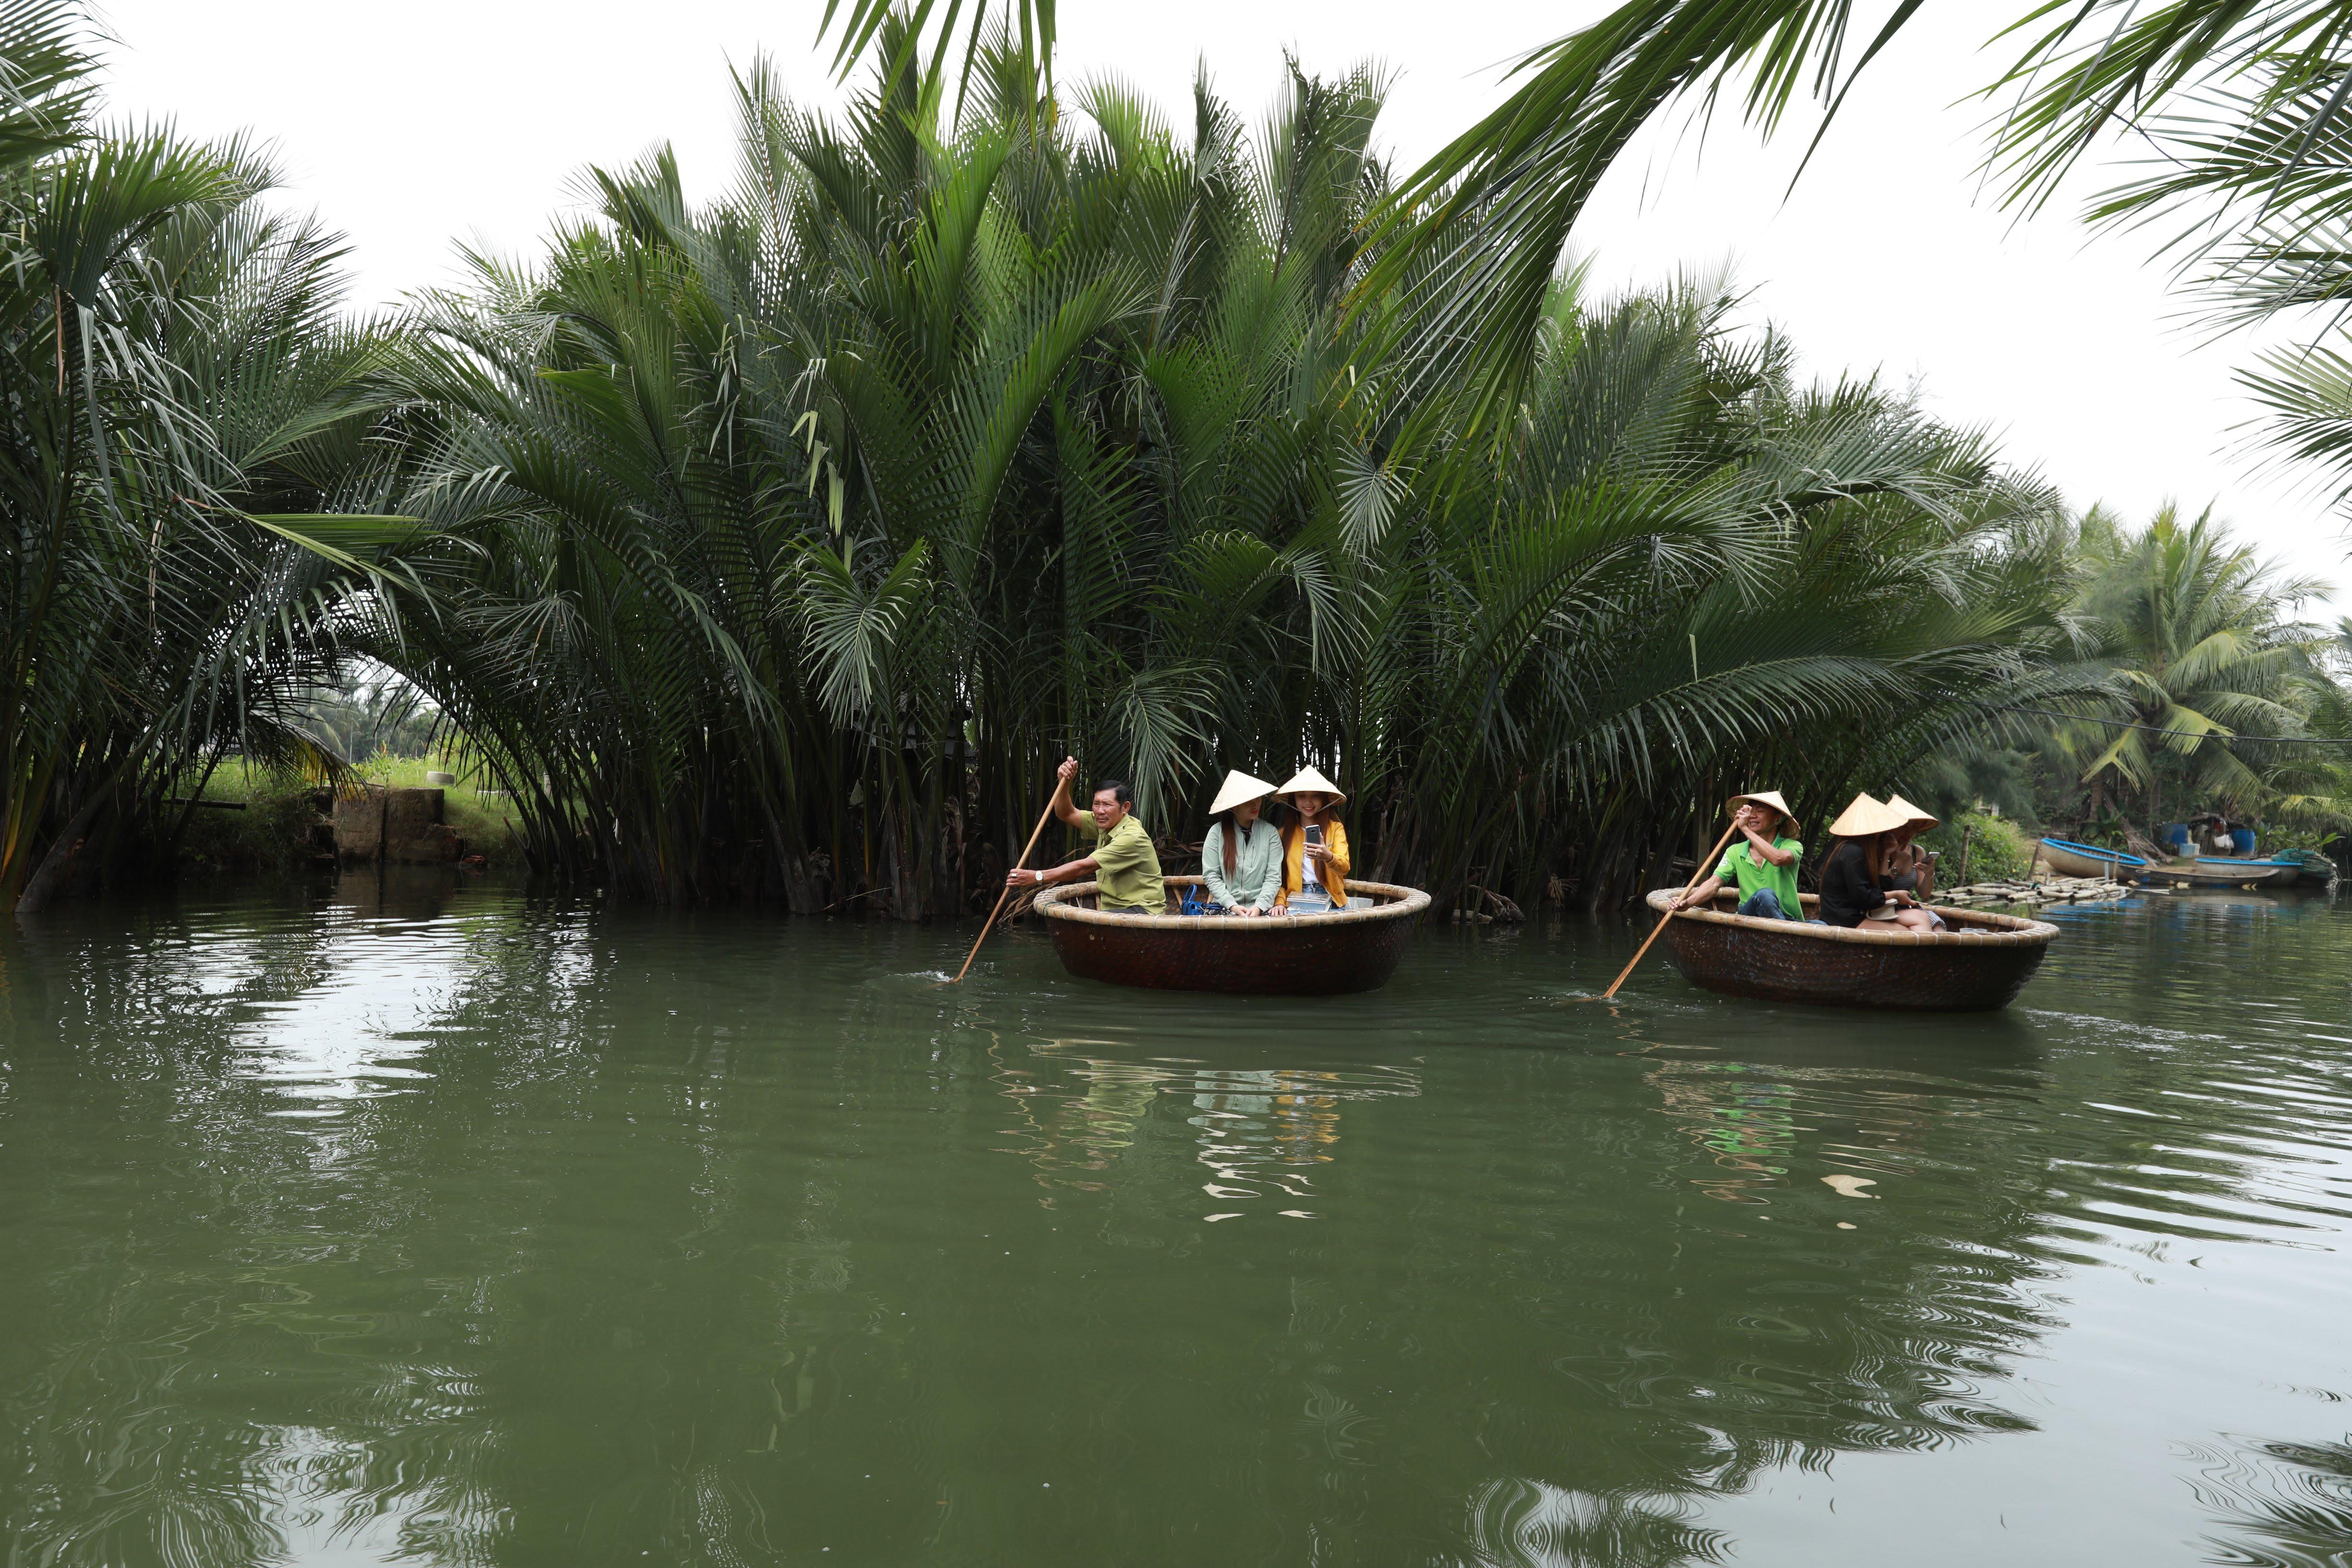 """Hoạt động kích cầu du lịch hướng theo chủ đề """"Du lịch Việt Nam an toàn, hấp dẫn"""". Ảnh: Quang Vinh."""